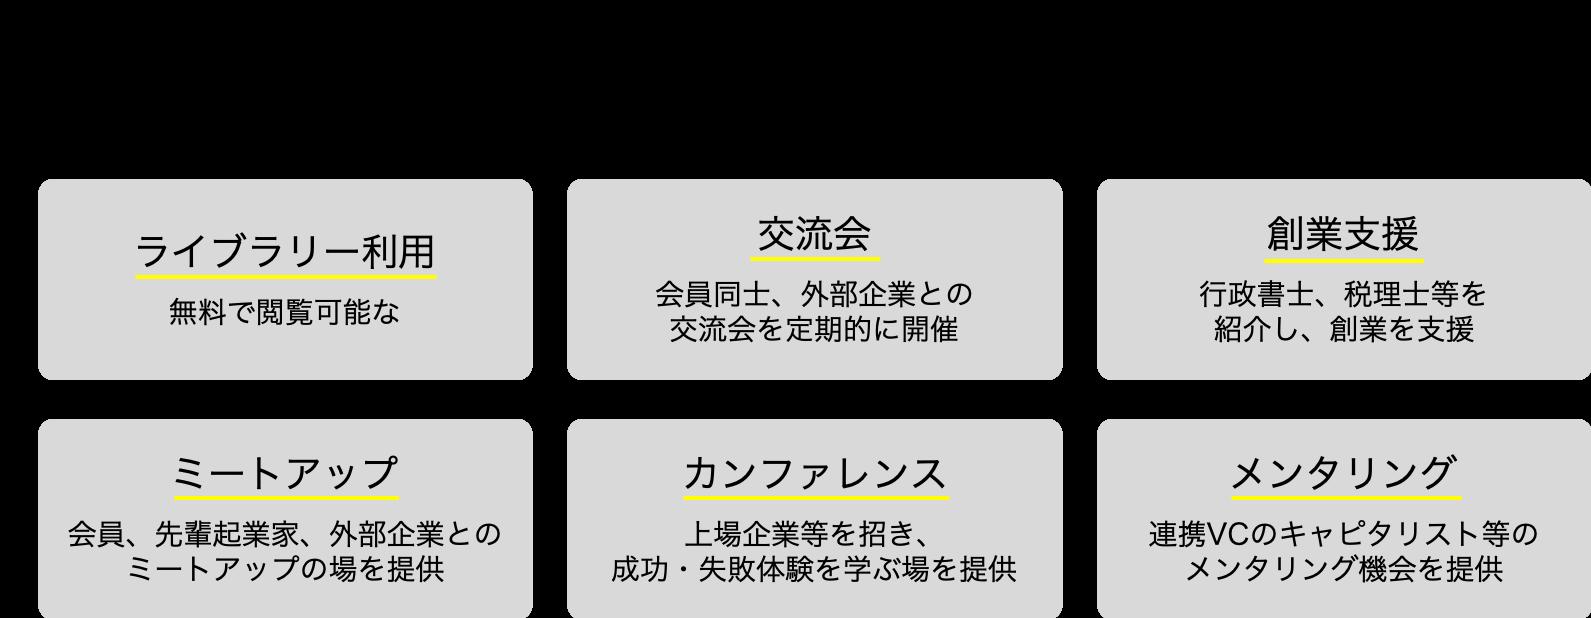 クリエイター支援サービス.png